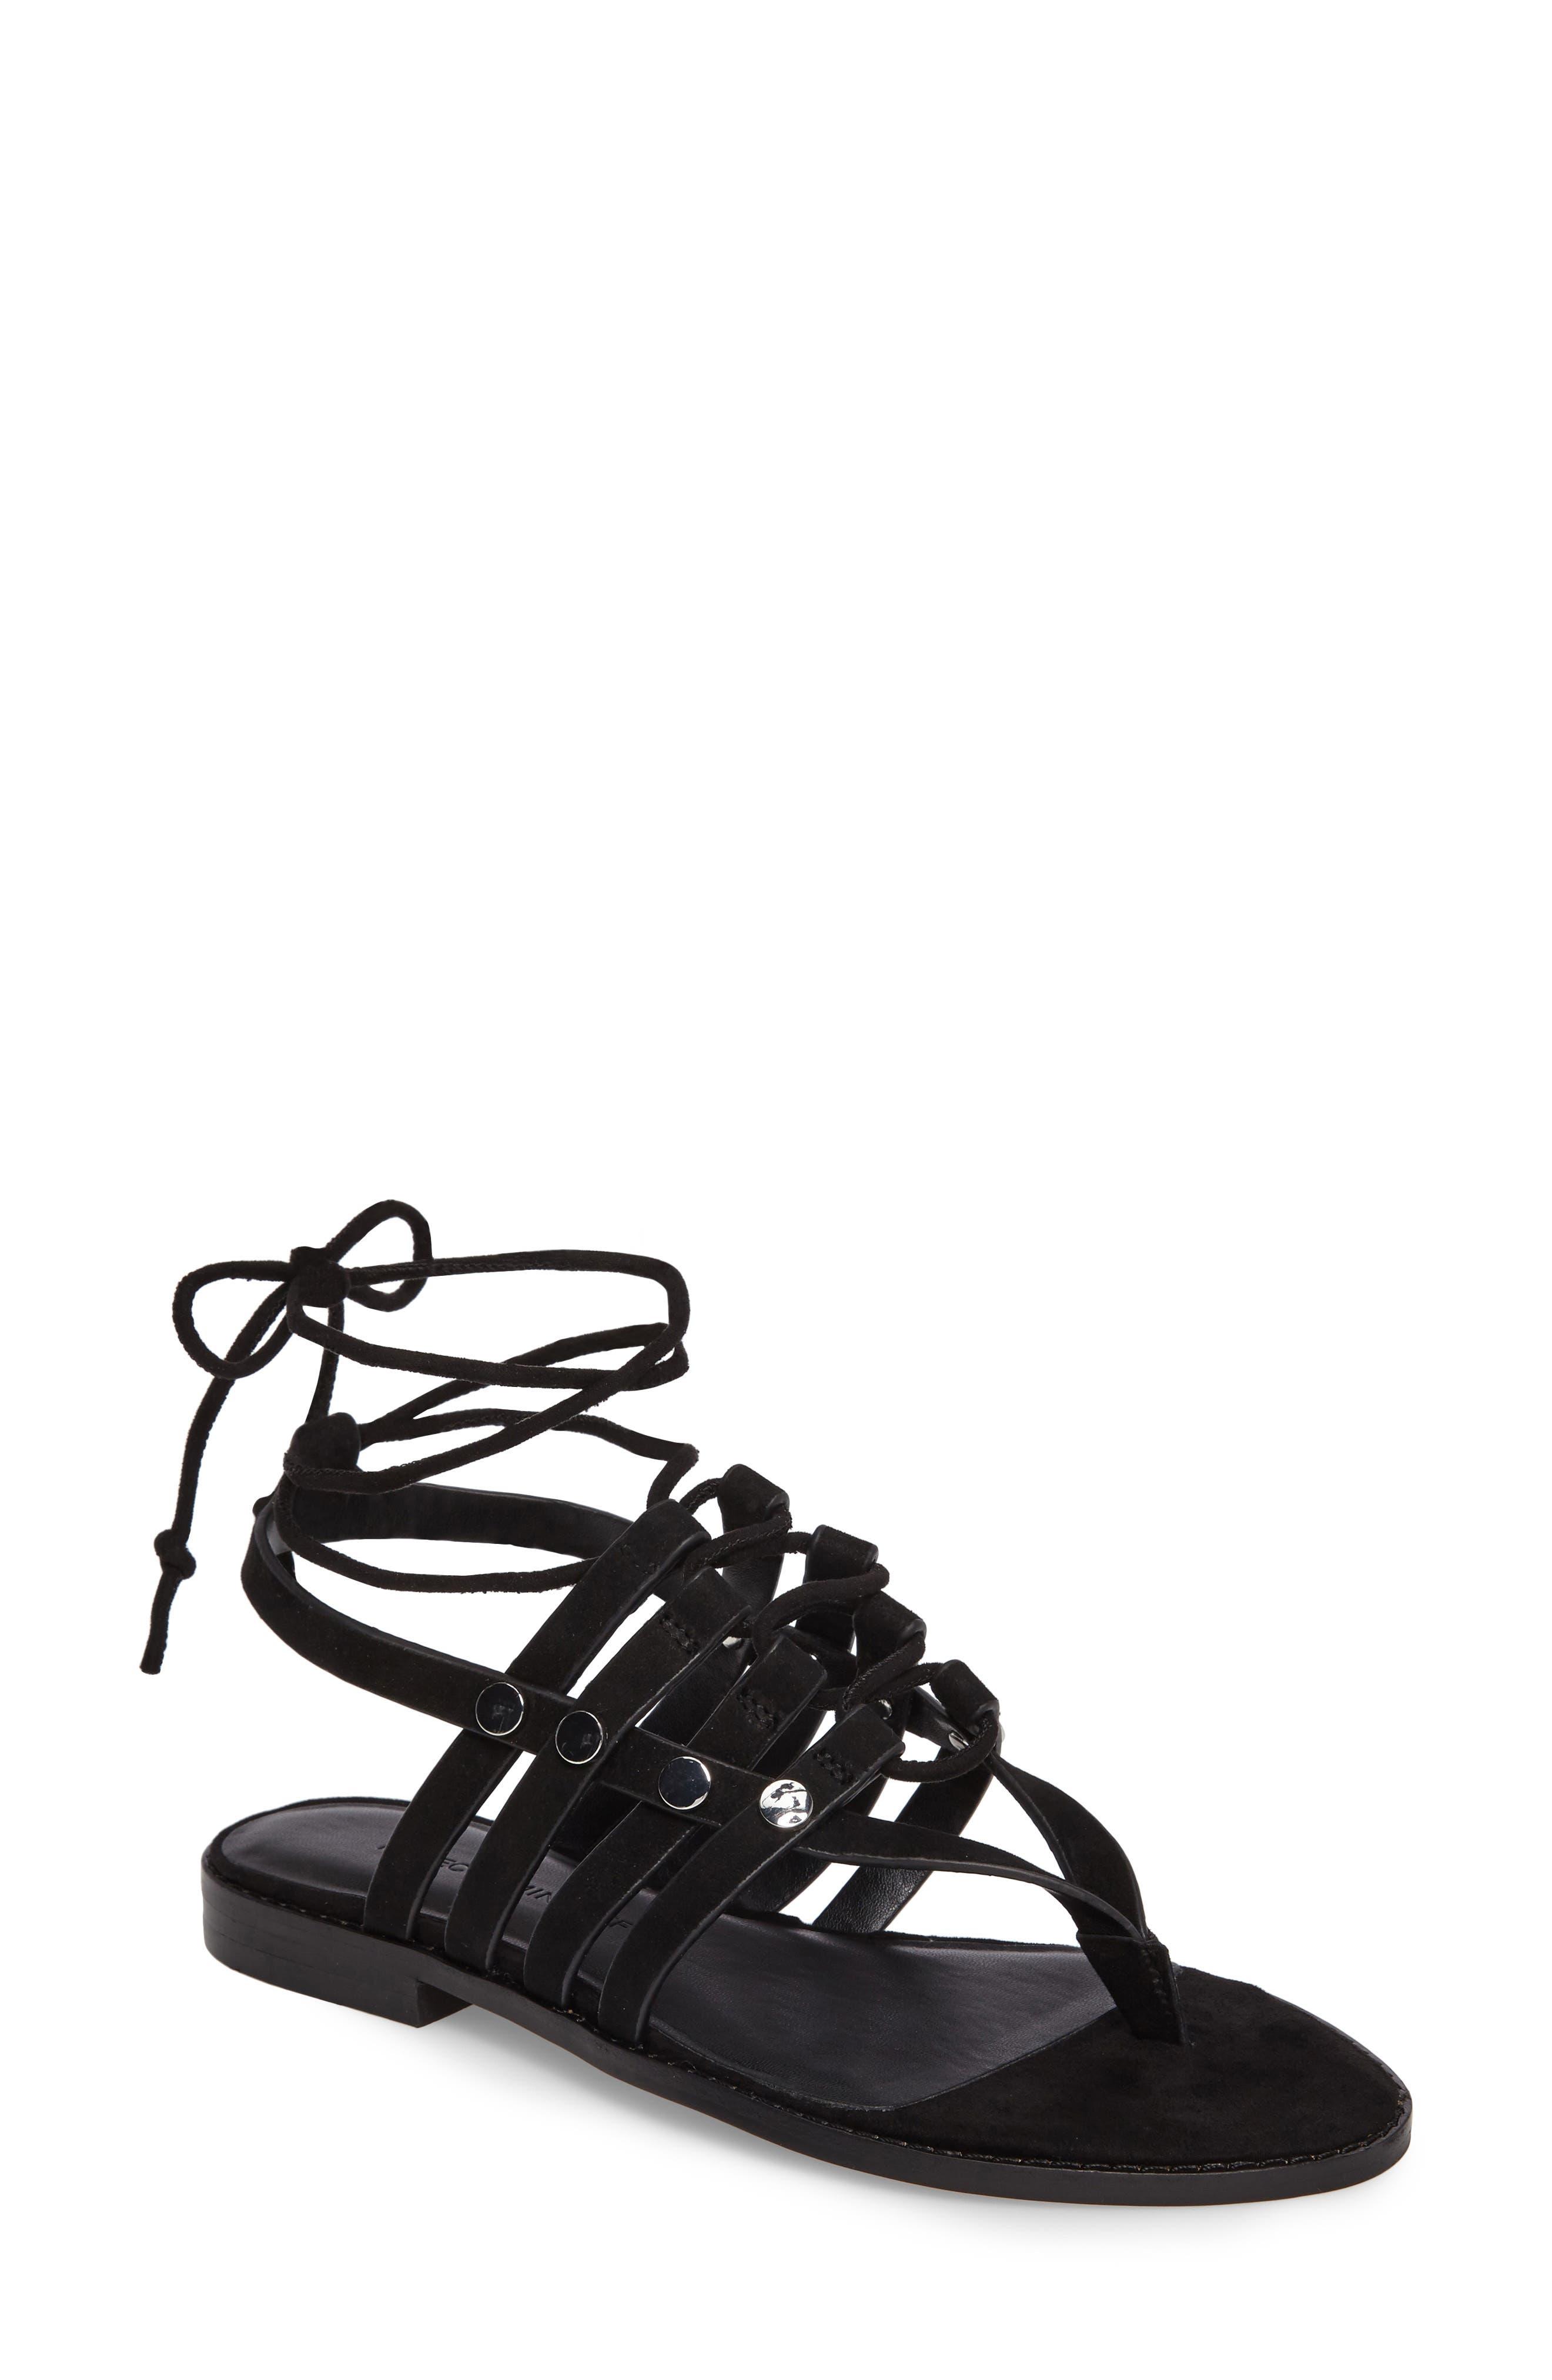 Evonne Sandal,                         Main,                         color, 004